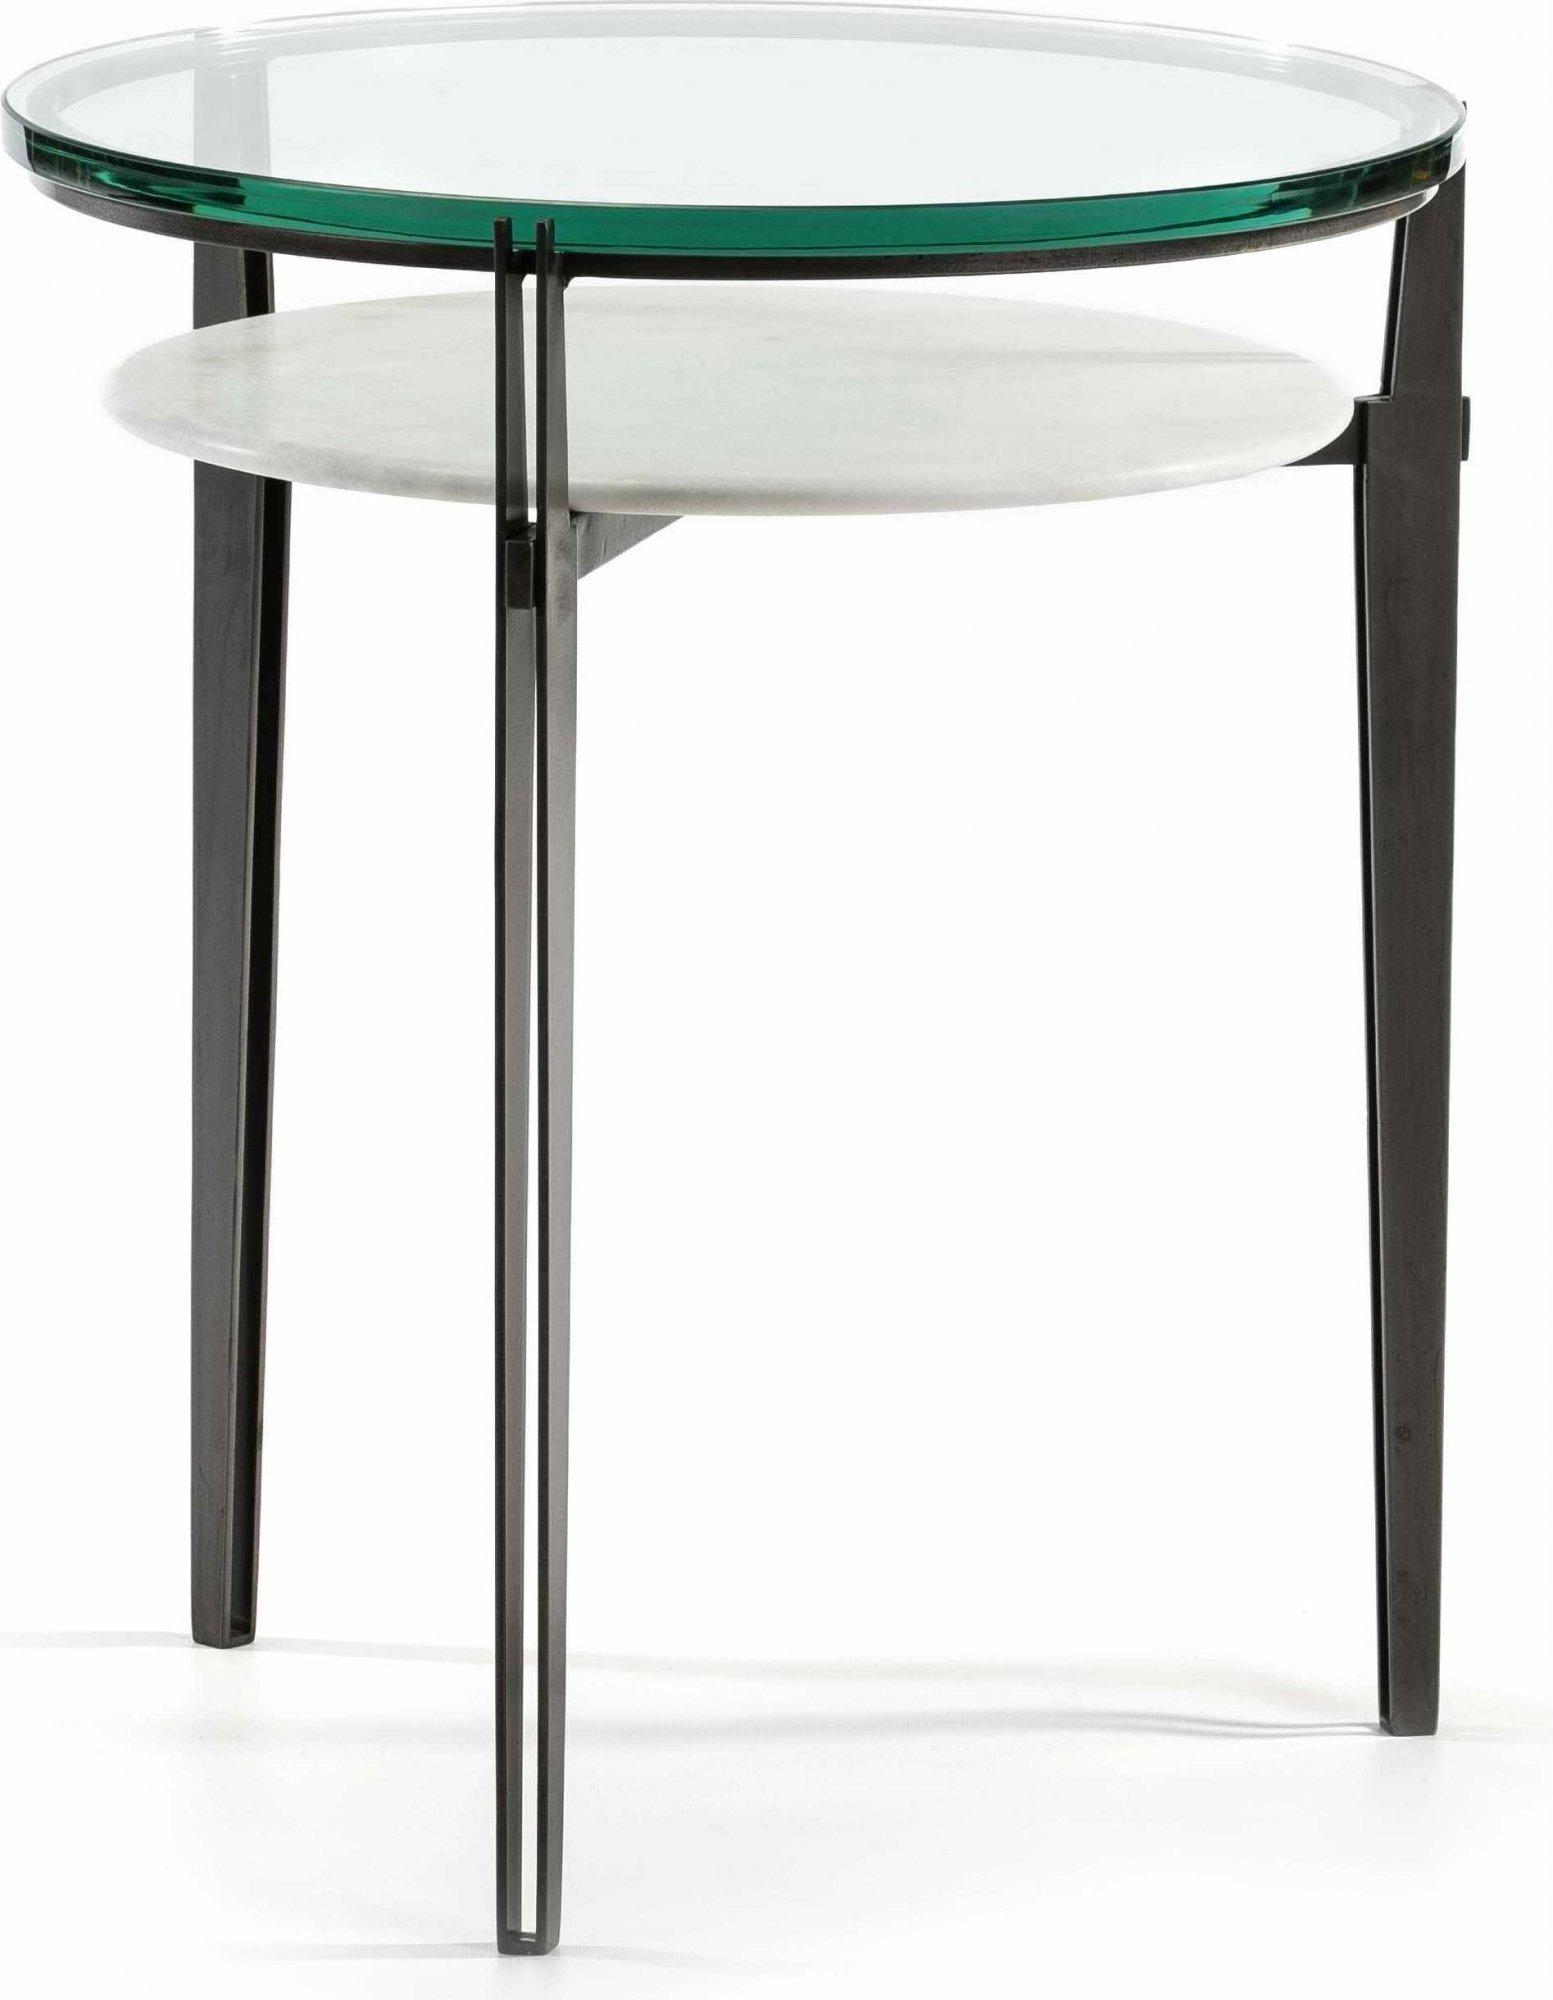 maison du monde Table d'appoint ronde pied métal plateau verre et marbre